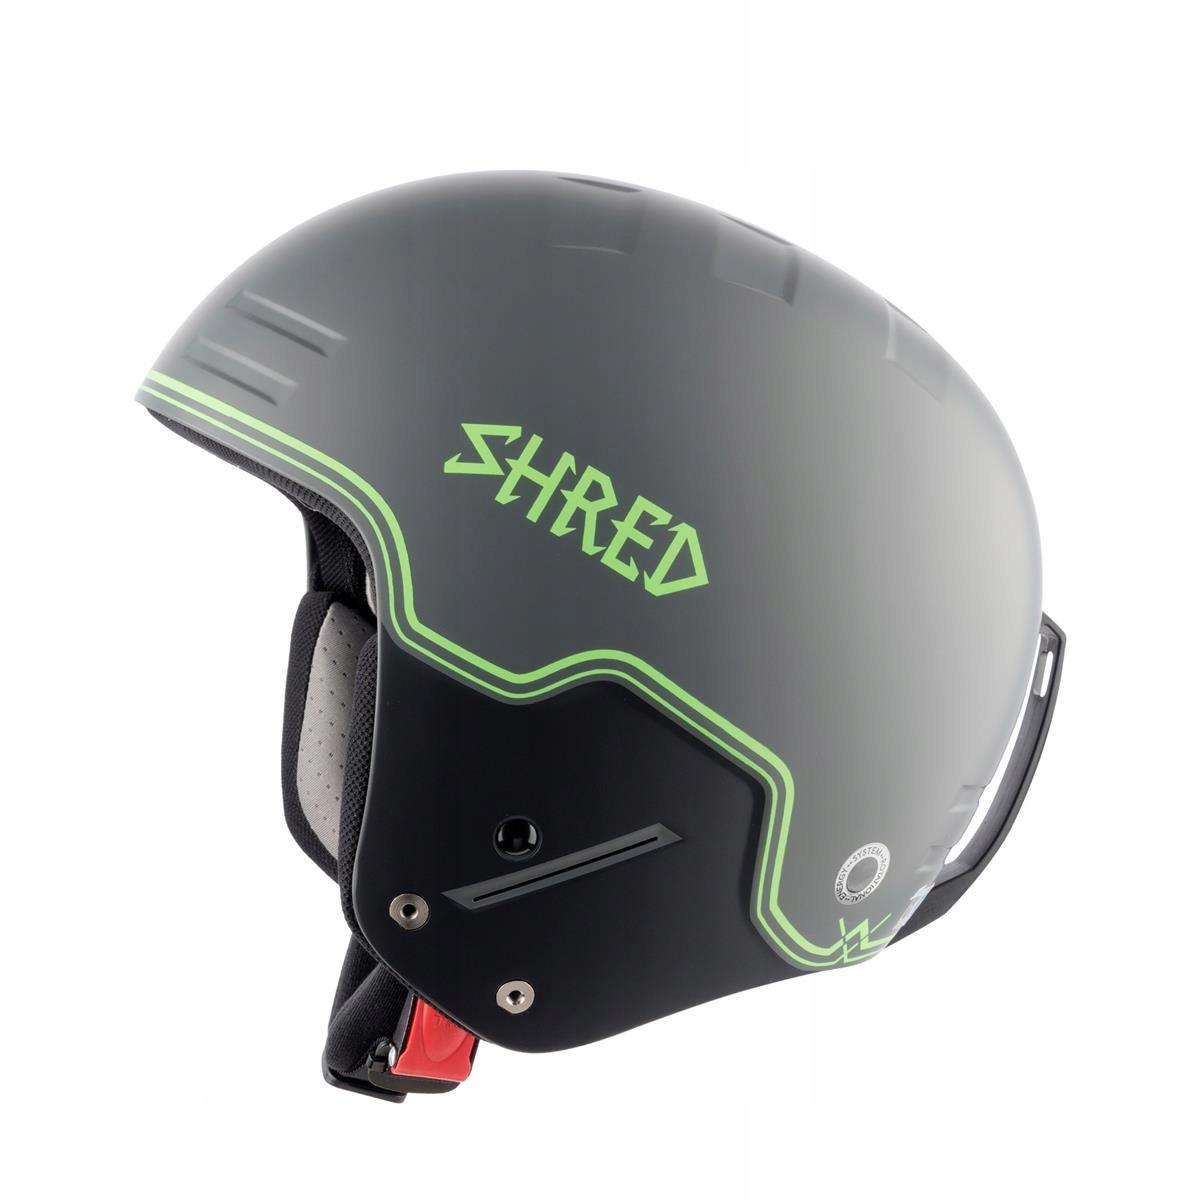 Kaski narciarskie Shred Basher Noshock Bigshow Sza - 7689683998 ... 842cbb773c6